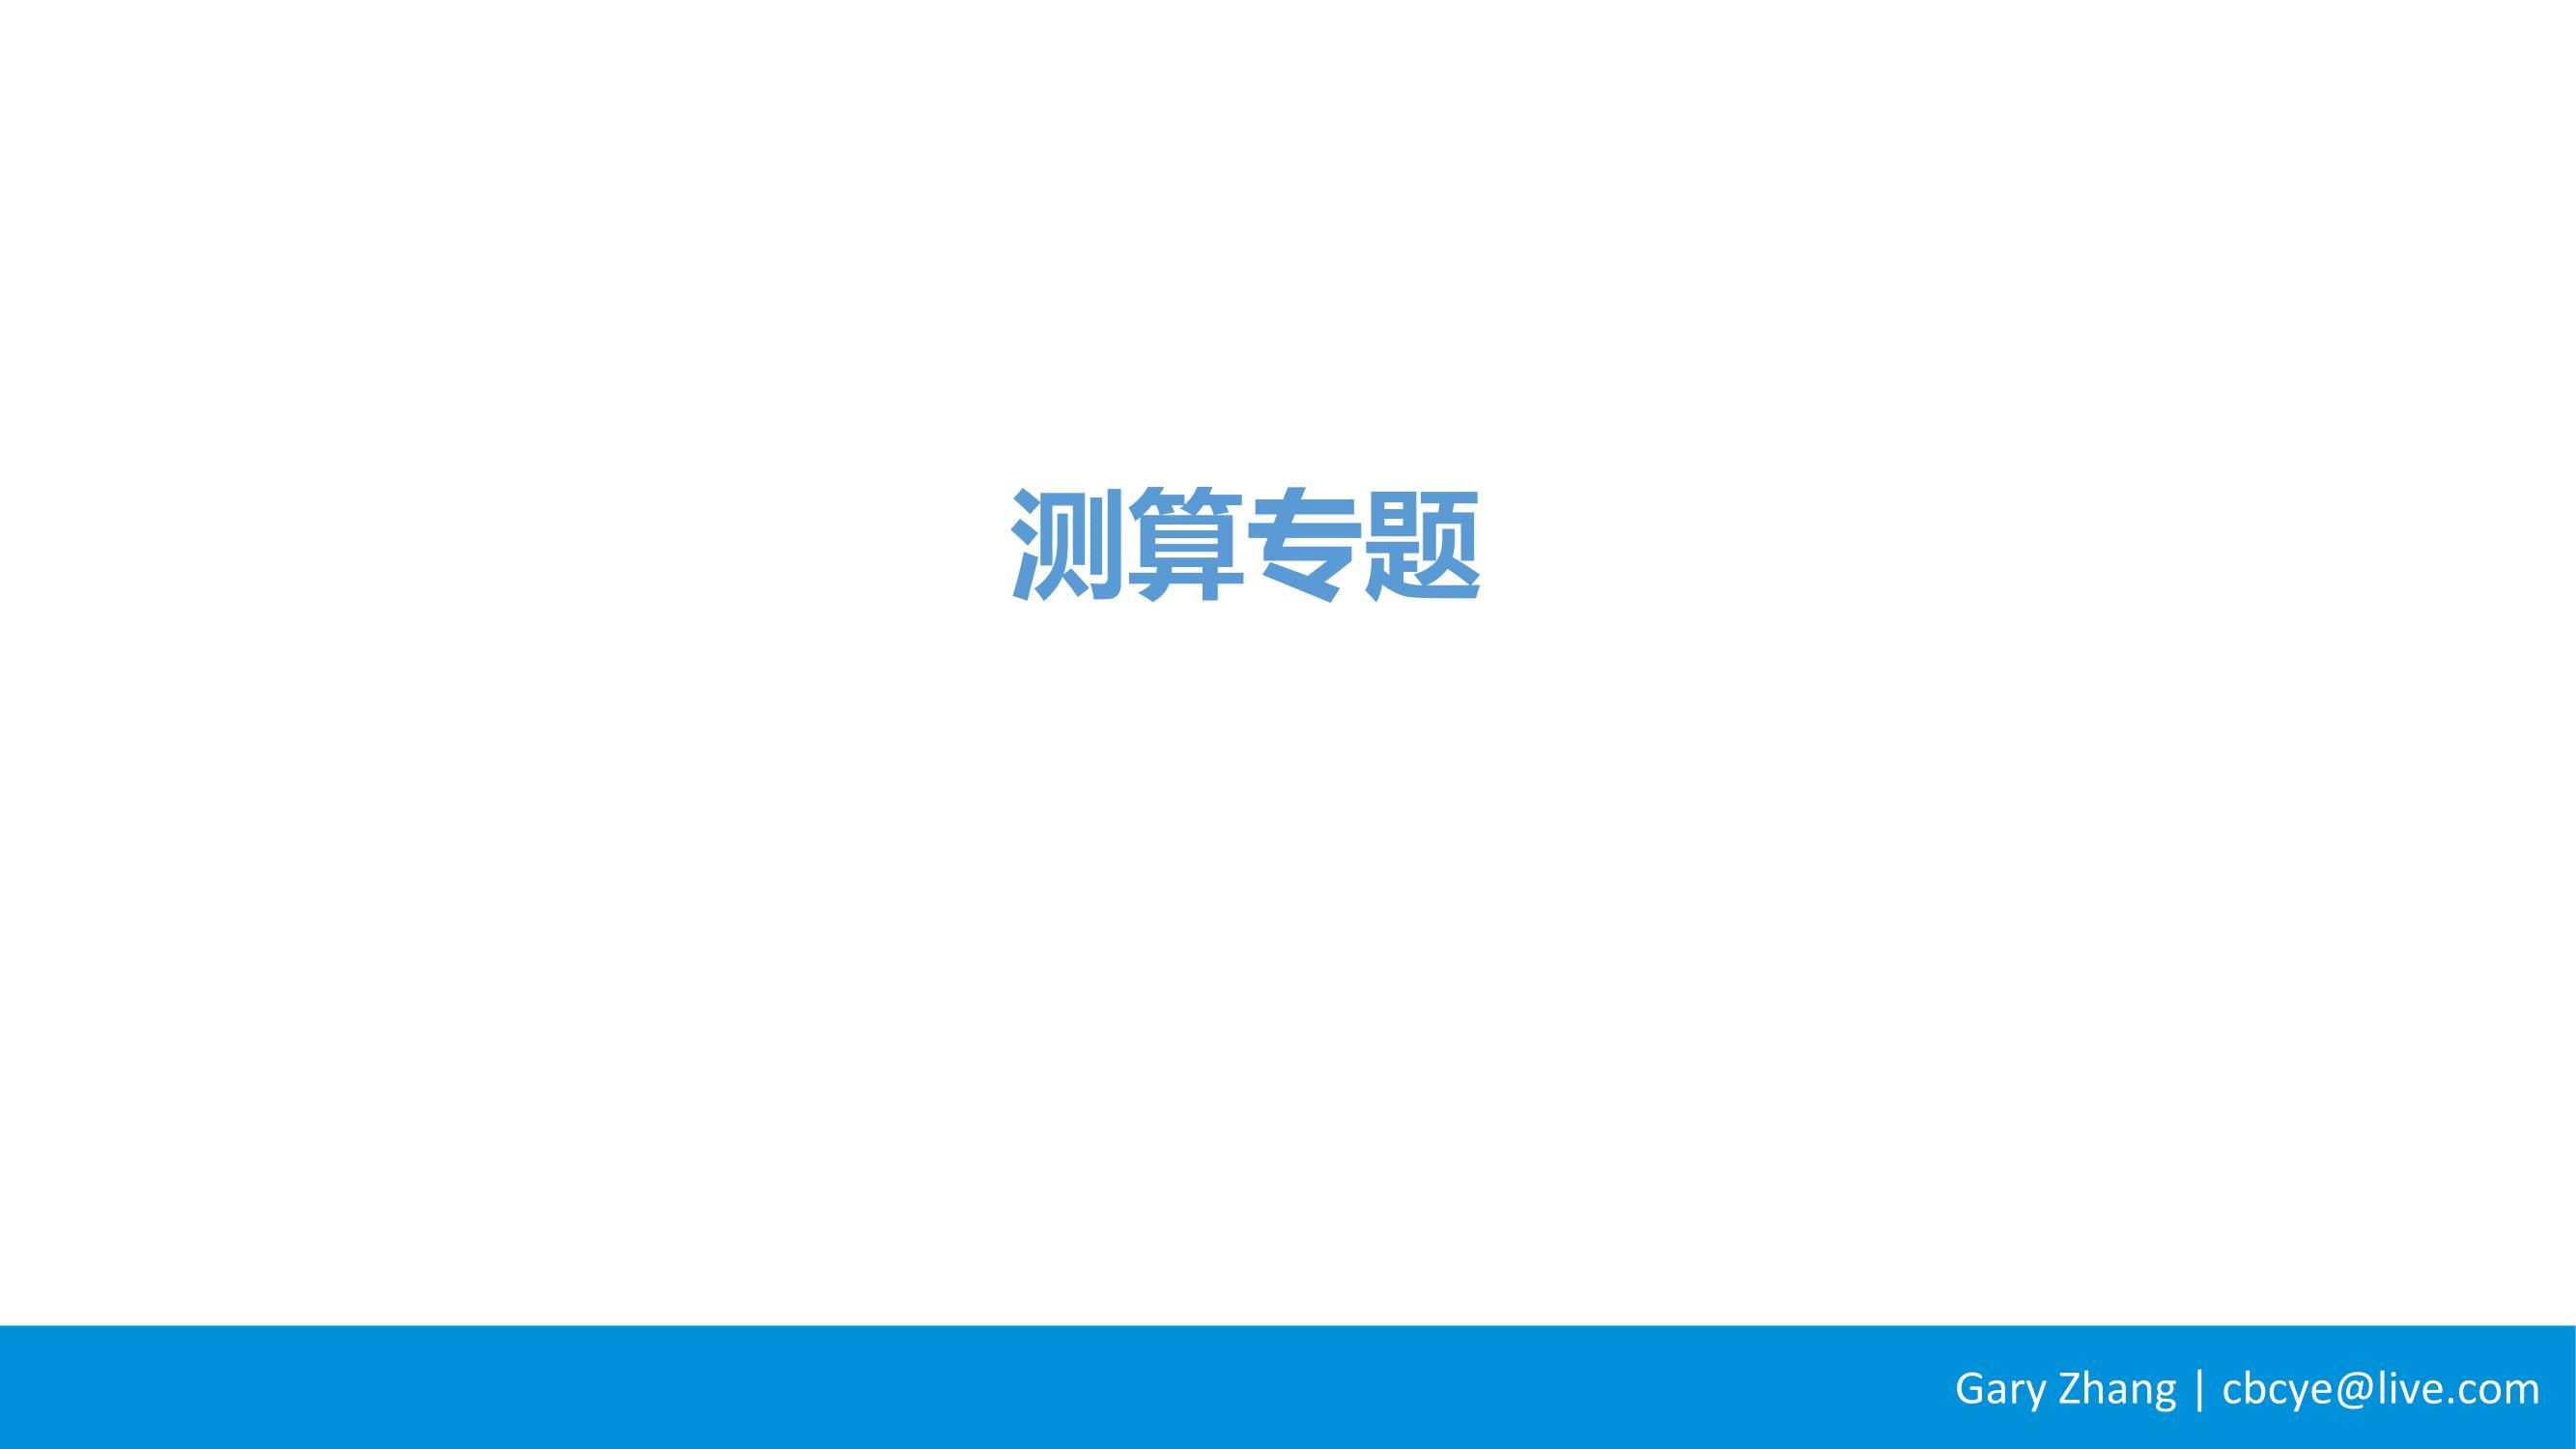 消费金融业务全流程指南_v1.0-065